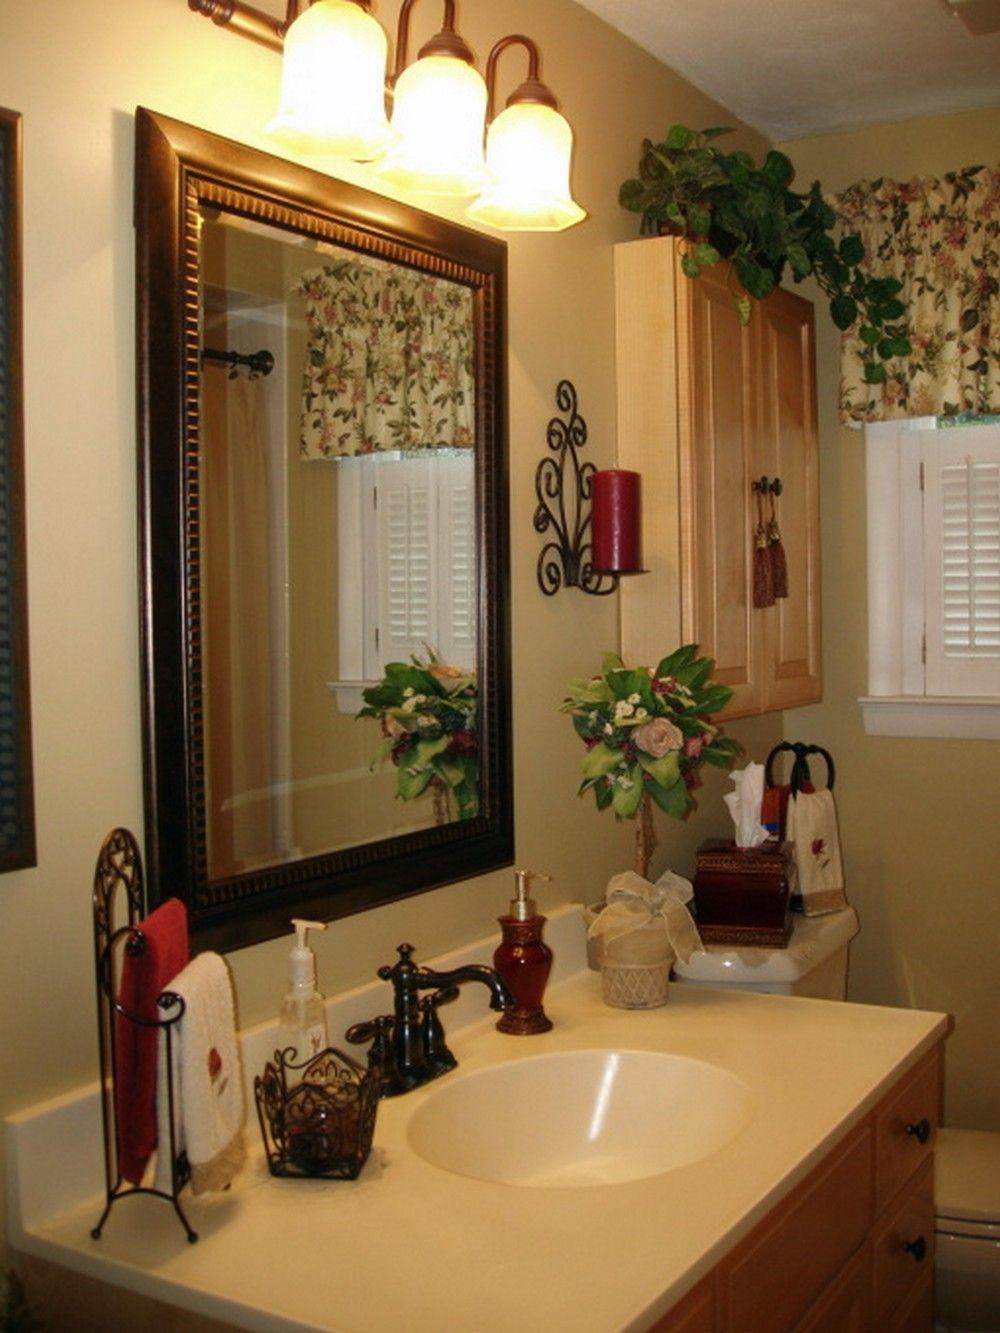 30 Luxurious Tuscan Bathroom Decor Ideas  Tuscan Bathroom Decor Magnificent Tuscan Bathroom Design 2018